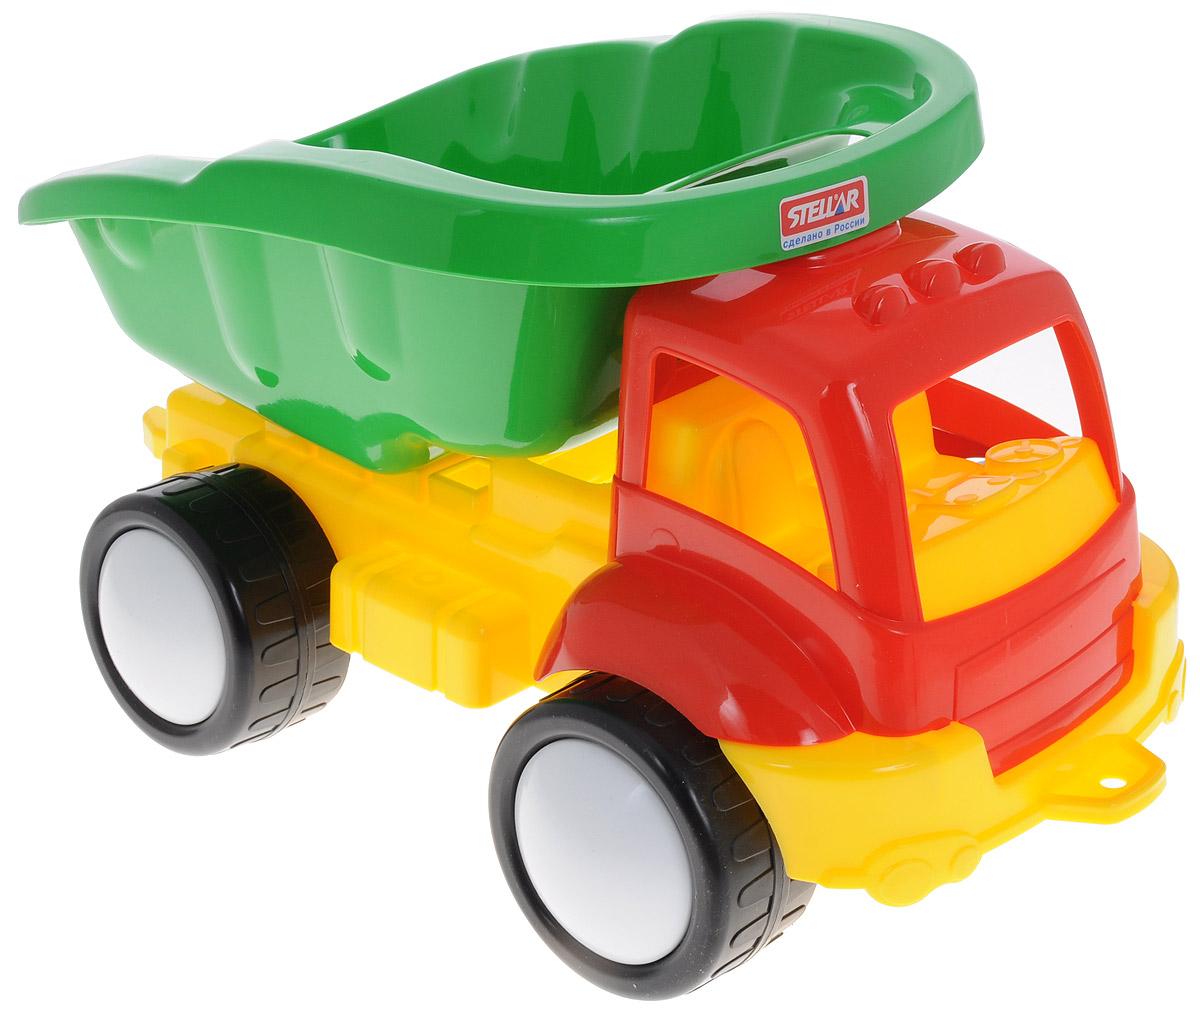 Stellar Грузовик Жук цвет кабины красный1415_красныйГрузовик Stellar Жук обязательно понравится малышу и доставит ему много удовольствия от часов, посвященных игре с ним. Грузовик имеет вместительный подвижный кузов и большие колеса. Грузовик Жук отлично подойдет для игр ребенка на свежем воздухе и на берегу водоема, грузовик имеет отверстие впереди для того, чтобы можно было привязать веревку и с ее помощью ребенок мог управлять движением машинки и приспособление сзади, чтобы ручкой ребенок мог толкать машинку, например находясь в сидячем положение. Благодаря этой машинке ваш маленький непоседа проведет много часов за увлекательным занятием. Занятия с такой игрушкой помогут малышу развить цветовое восприятия, воображение и мелкую моторику рук. Порадуйте его таким замечательным подарком!